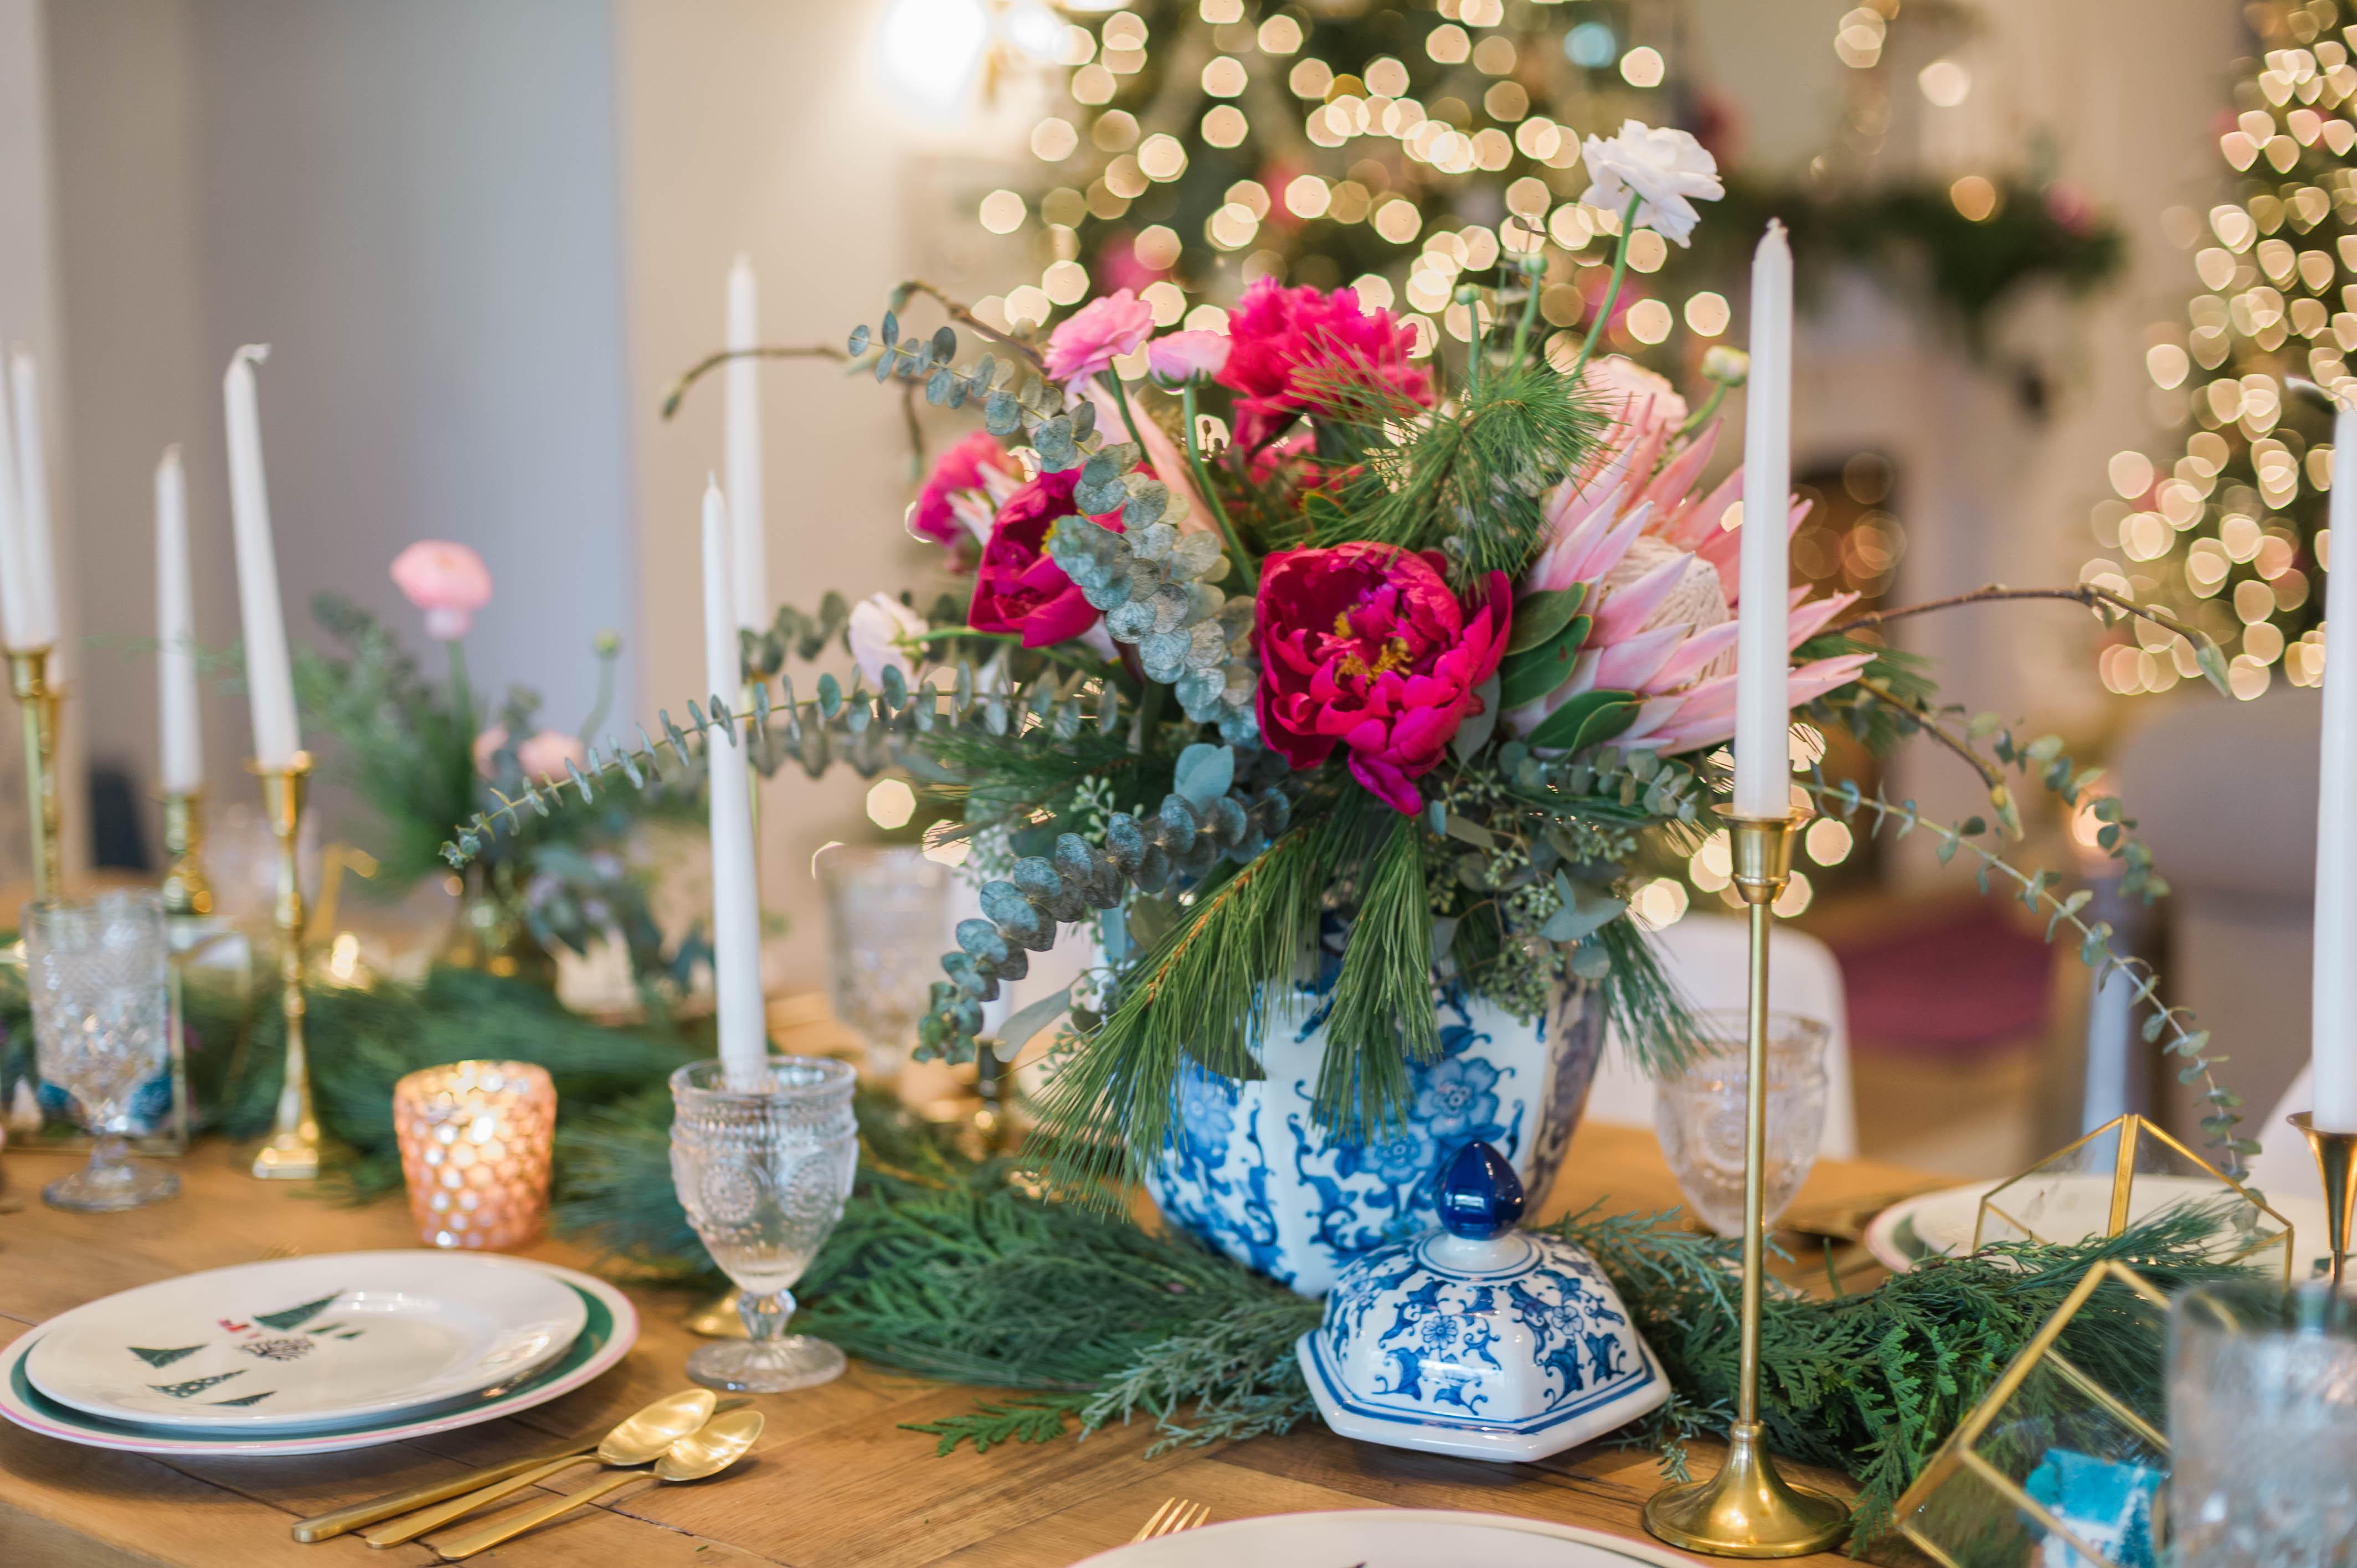 ginger_jar_homegoods_floral_centerpiece